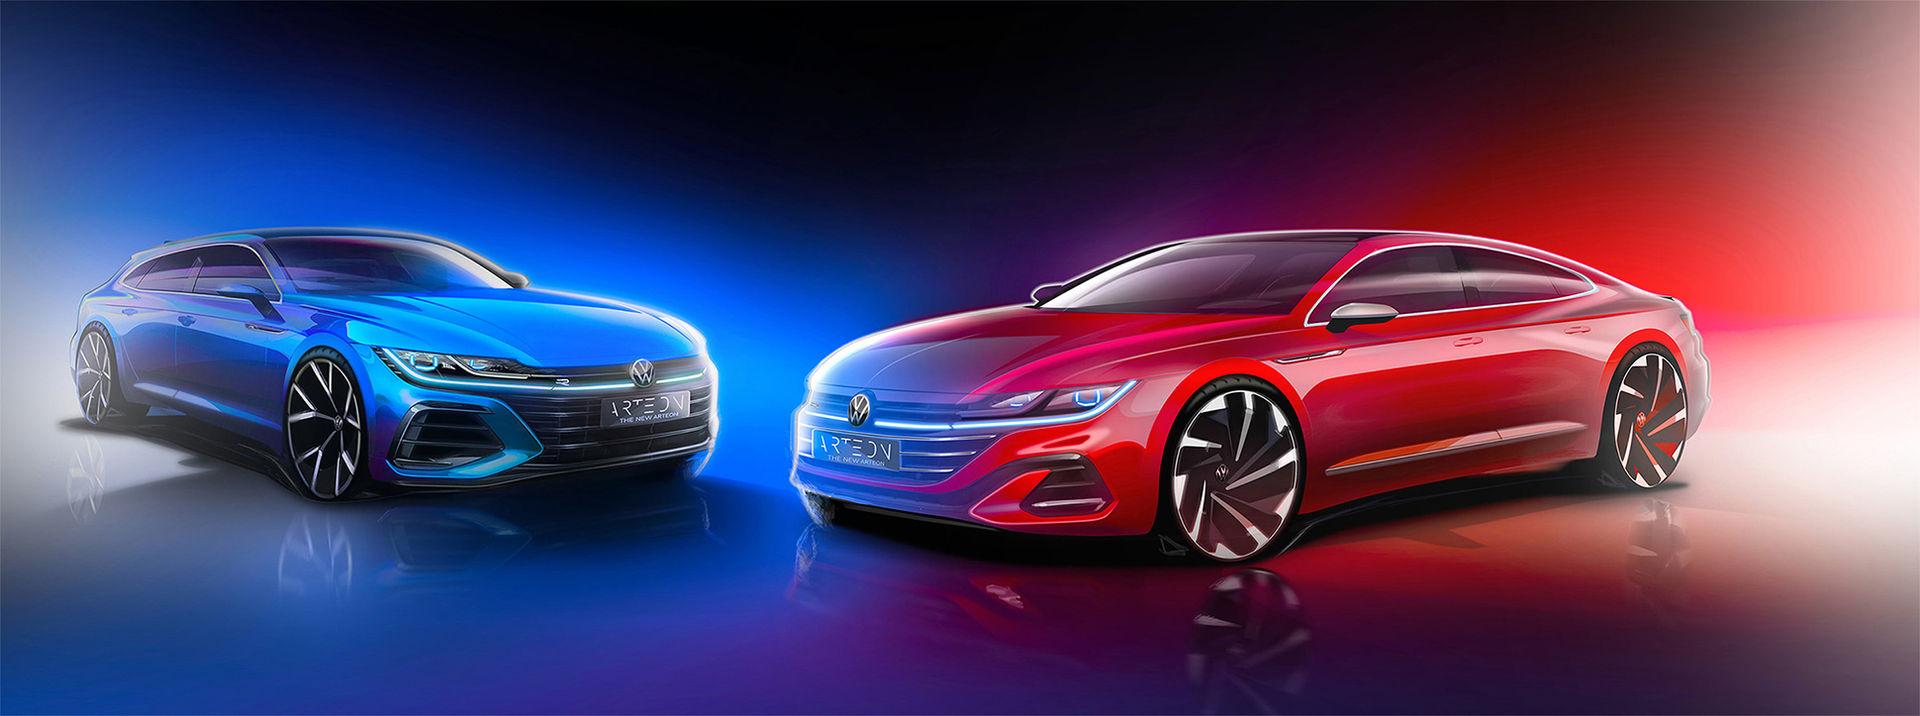 Bekräftat - Volkswagen Arteon kommer som slank kombi